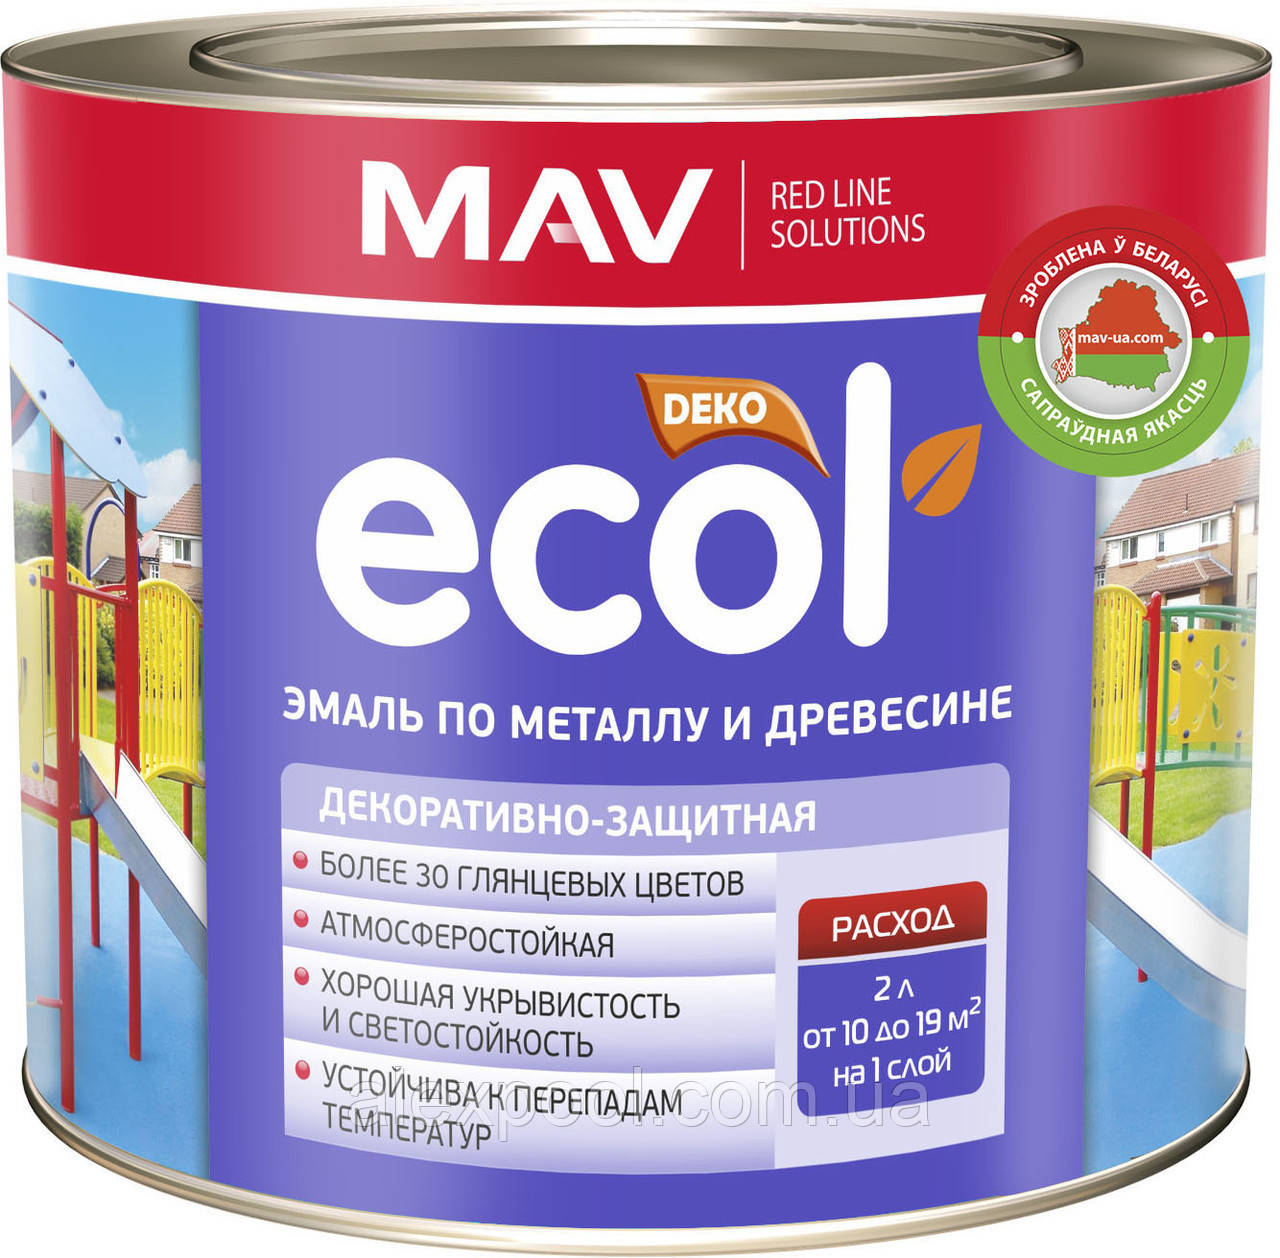 Эмаль MAV ECOL по металлу и древесине Серая 2,4 литра